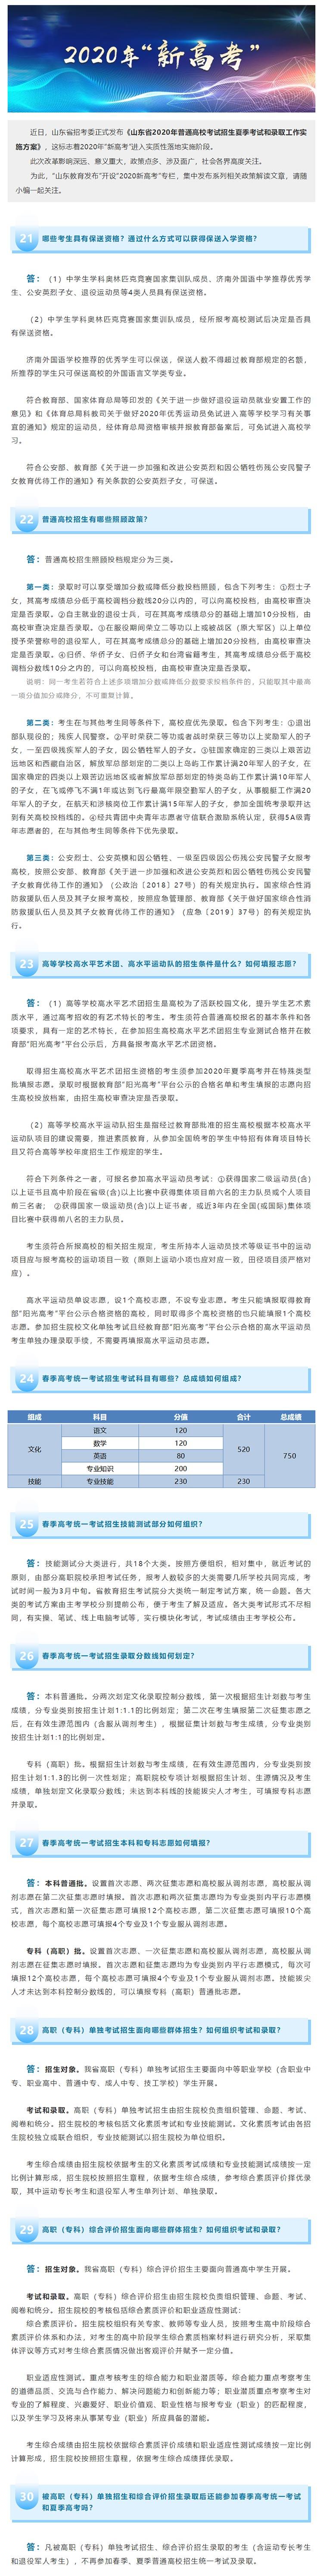 """考生家长必读,2020山东""""新高考""""政策解答30问(之三)"""